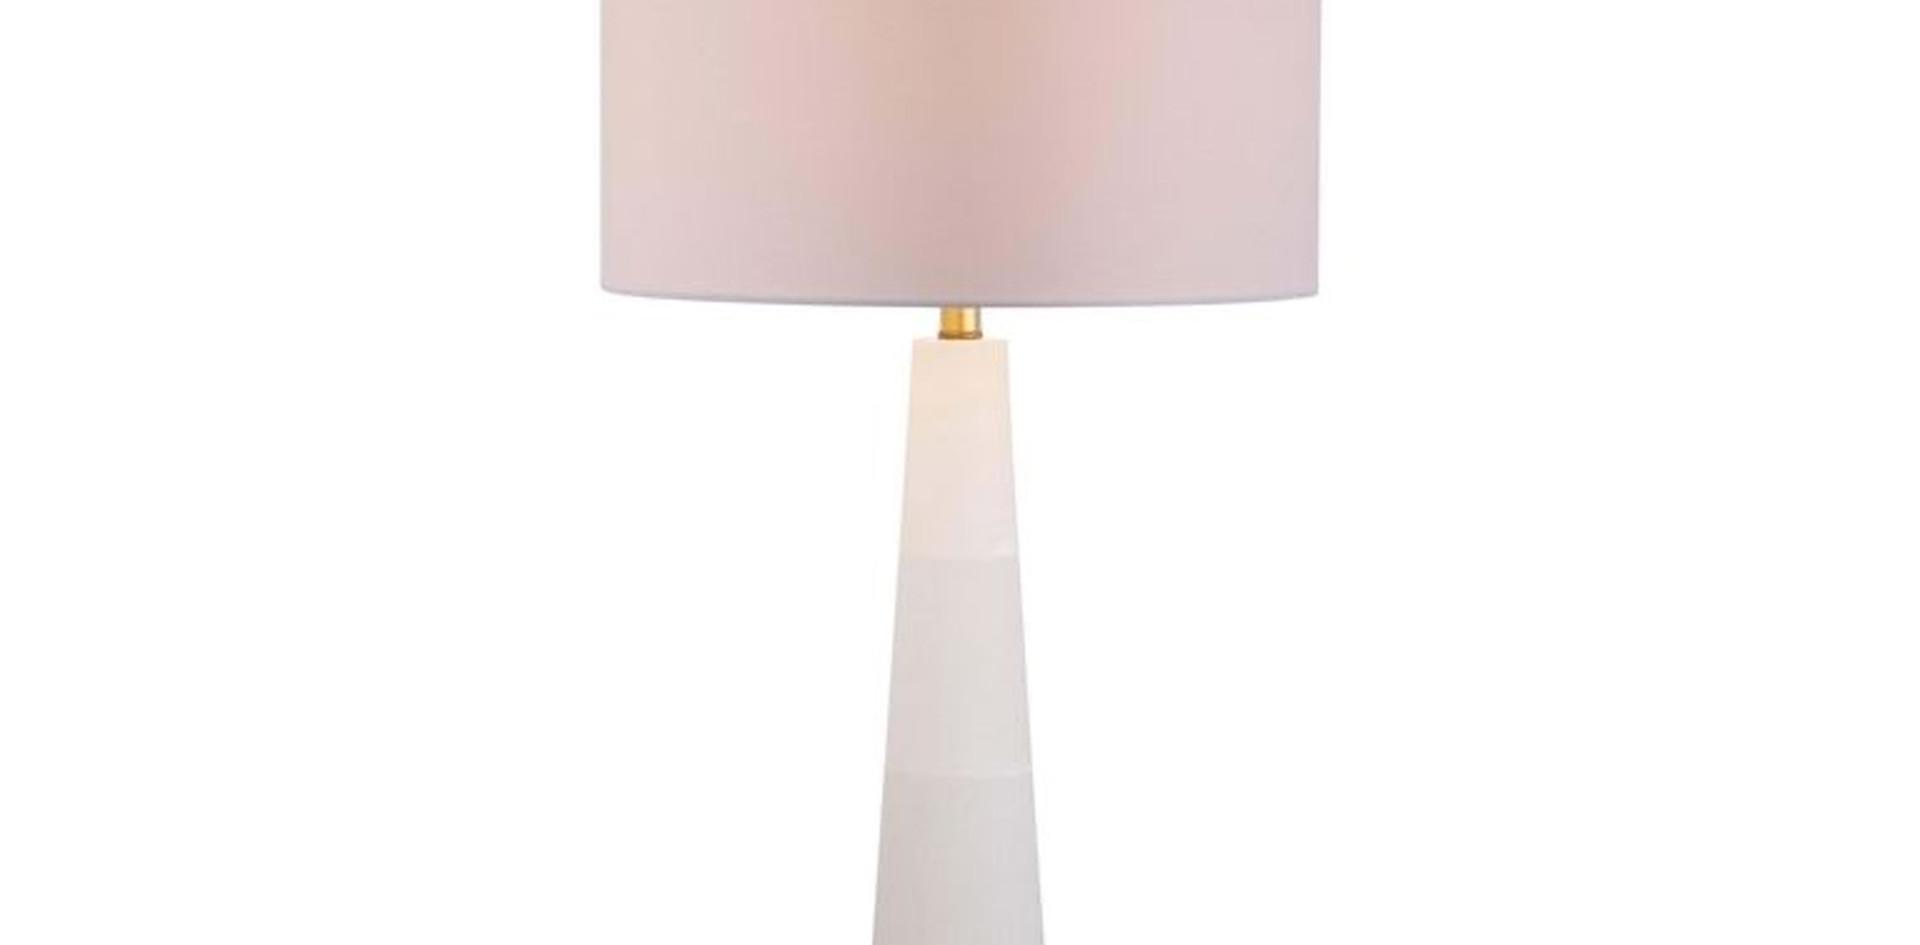 lamp 2.jpg